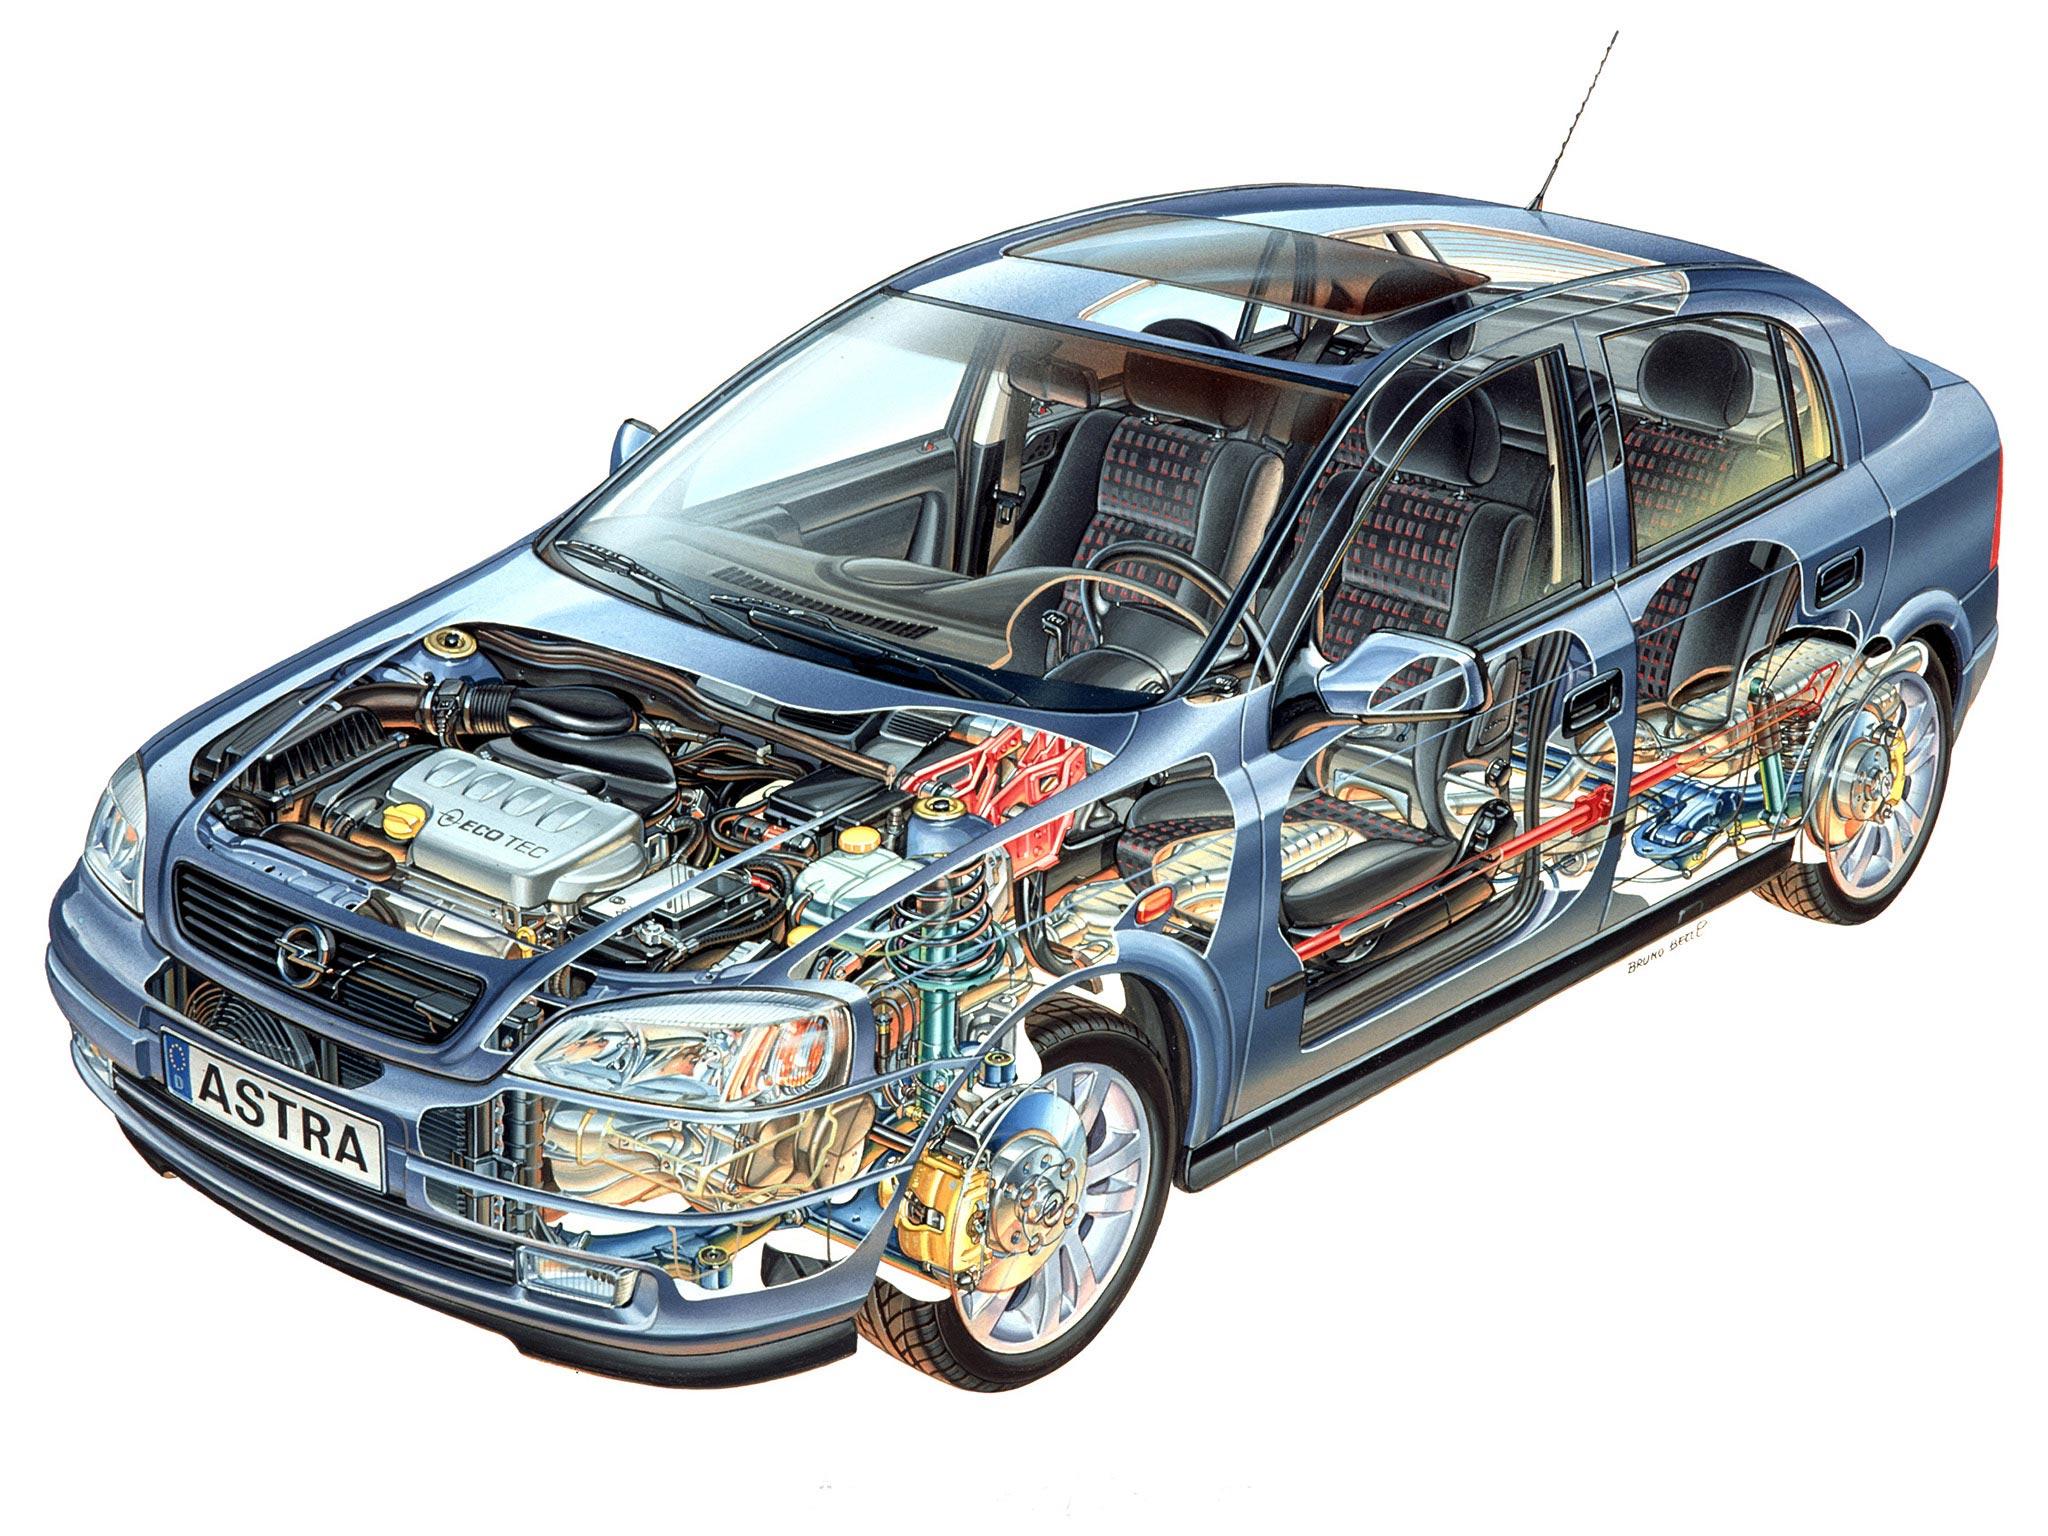 Opel Astra G cutaway